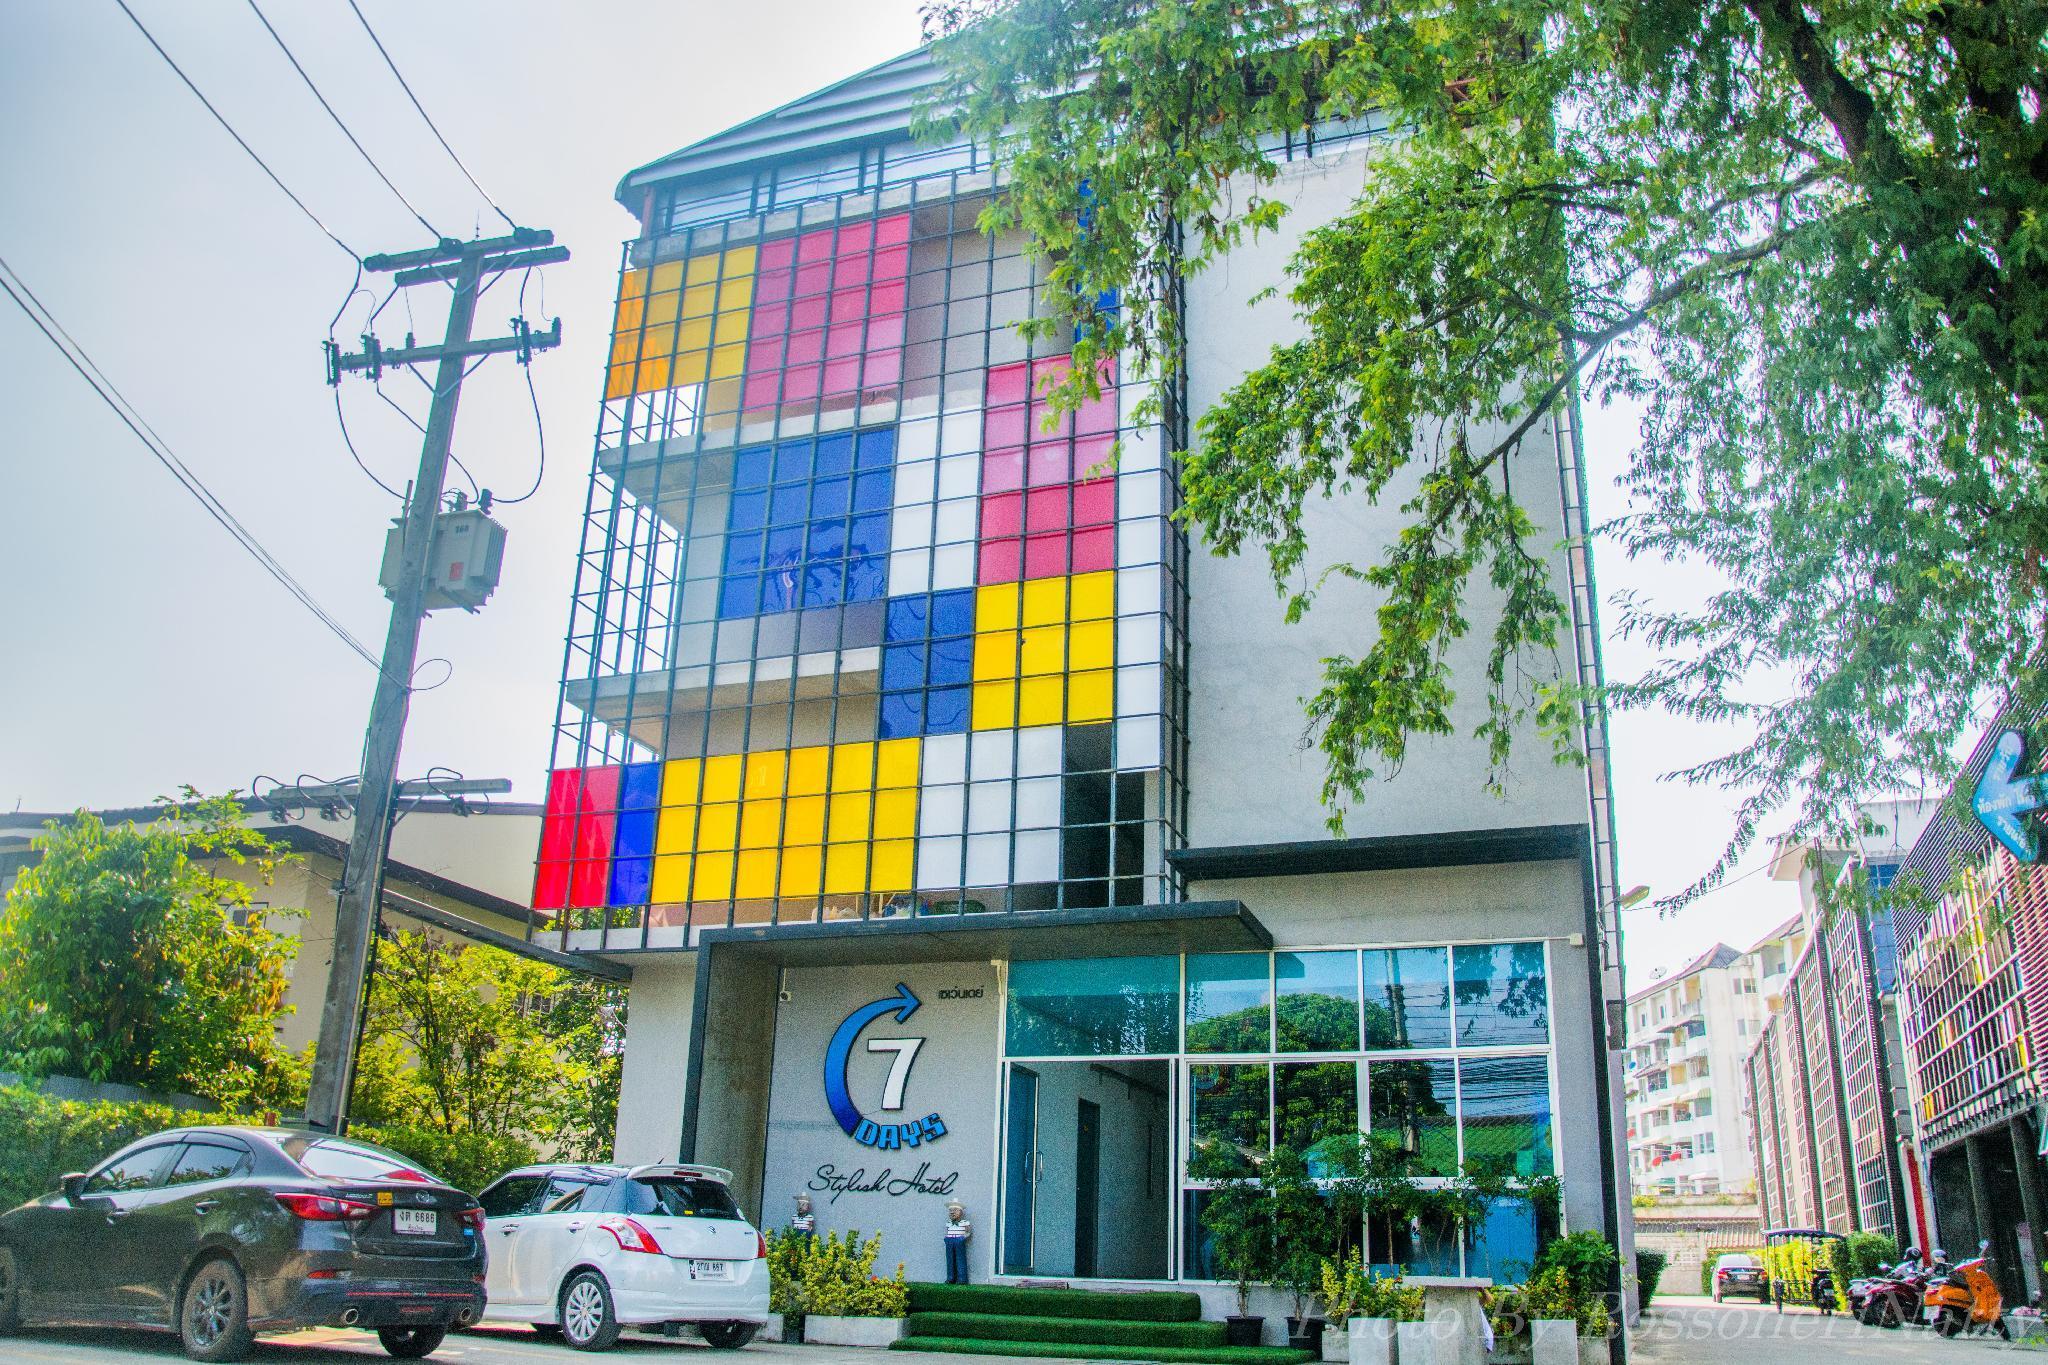 รีวิว โรงแรม เซเว่นเดส์ ป่าตัน (เชียงใหม่) [CR] Pantip